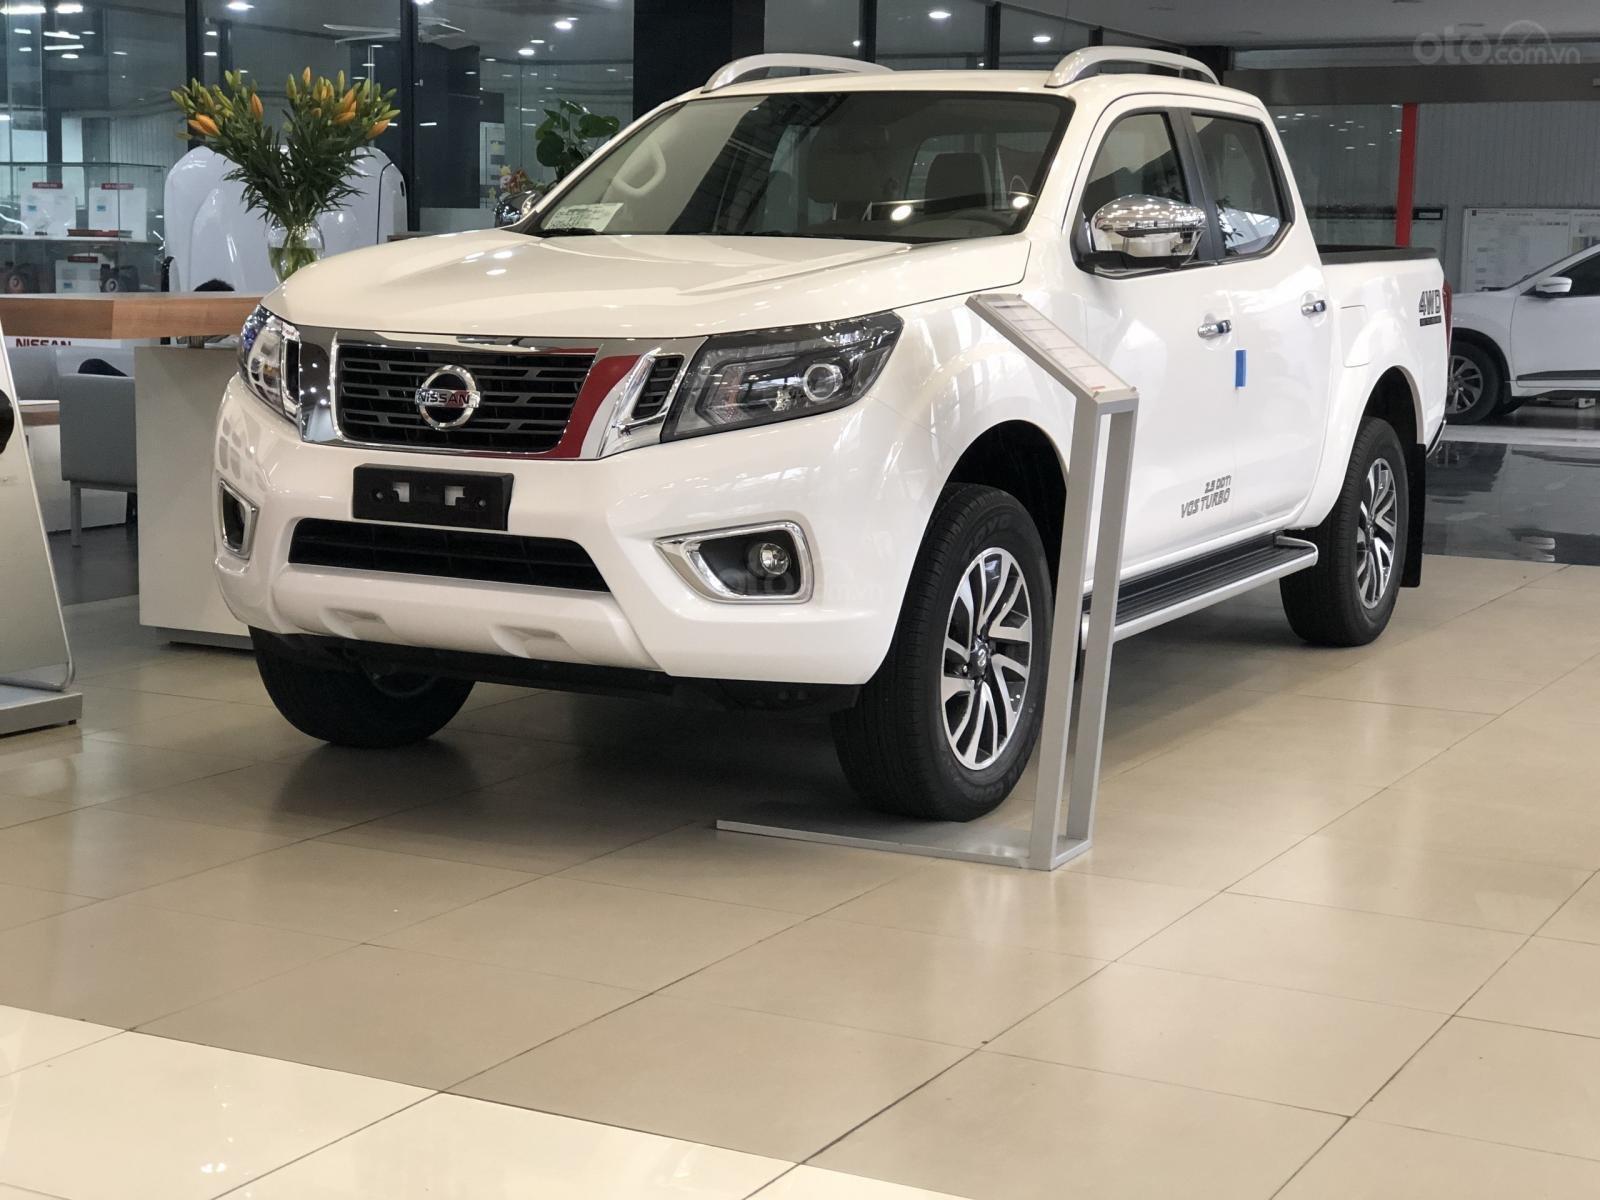 Giá Nissan Navara VL Model 2020 cực tốt, liên hệ ngay (1)